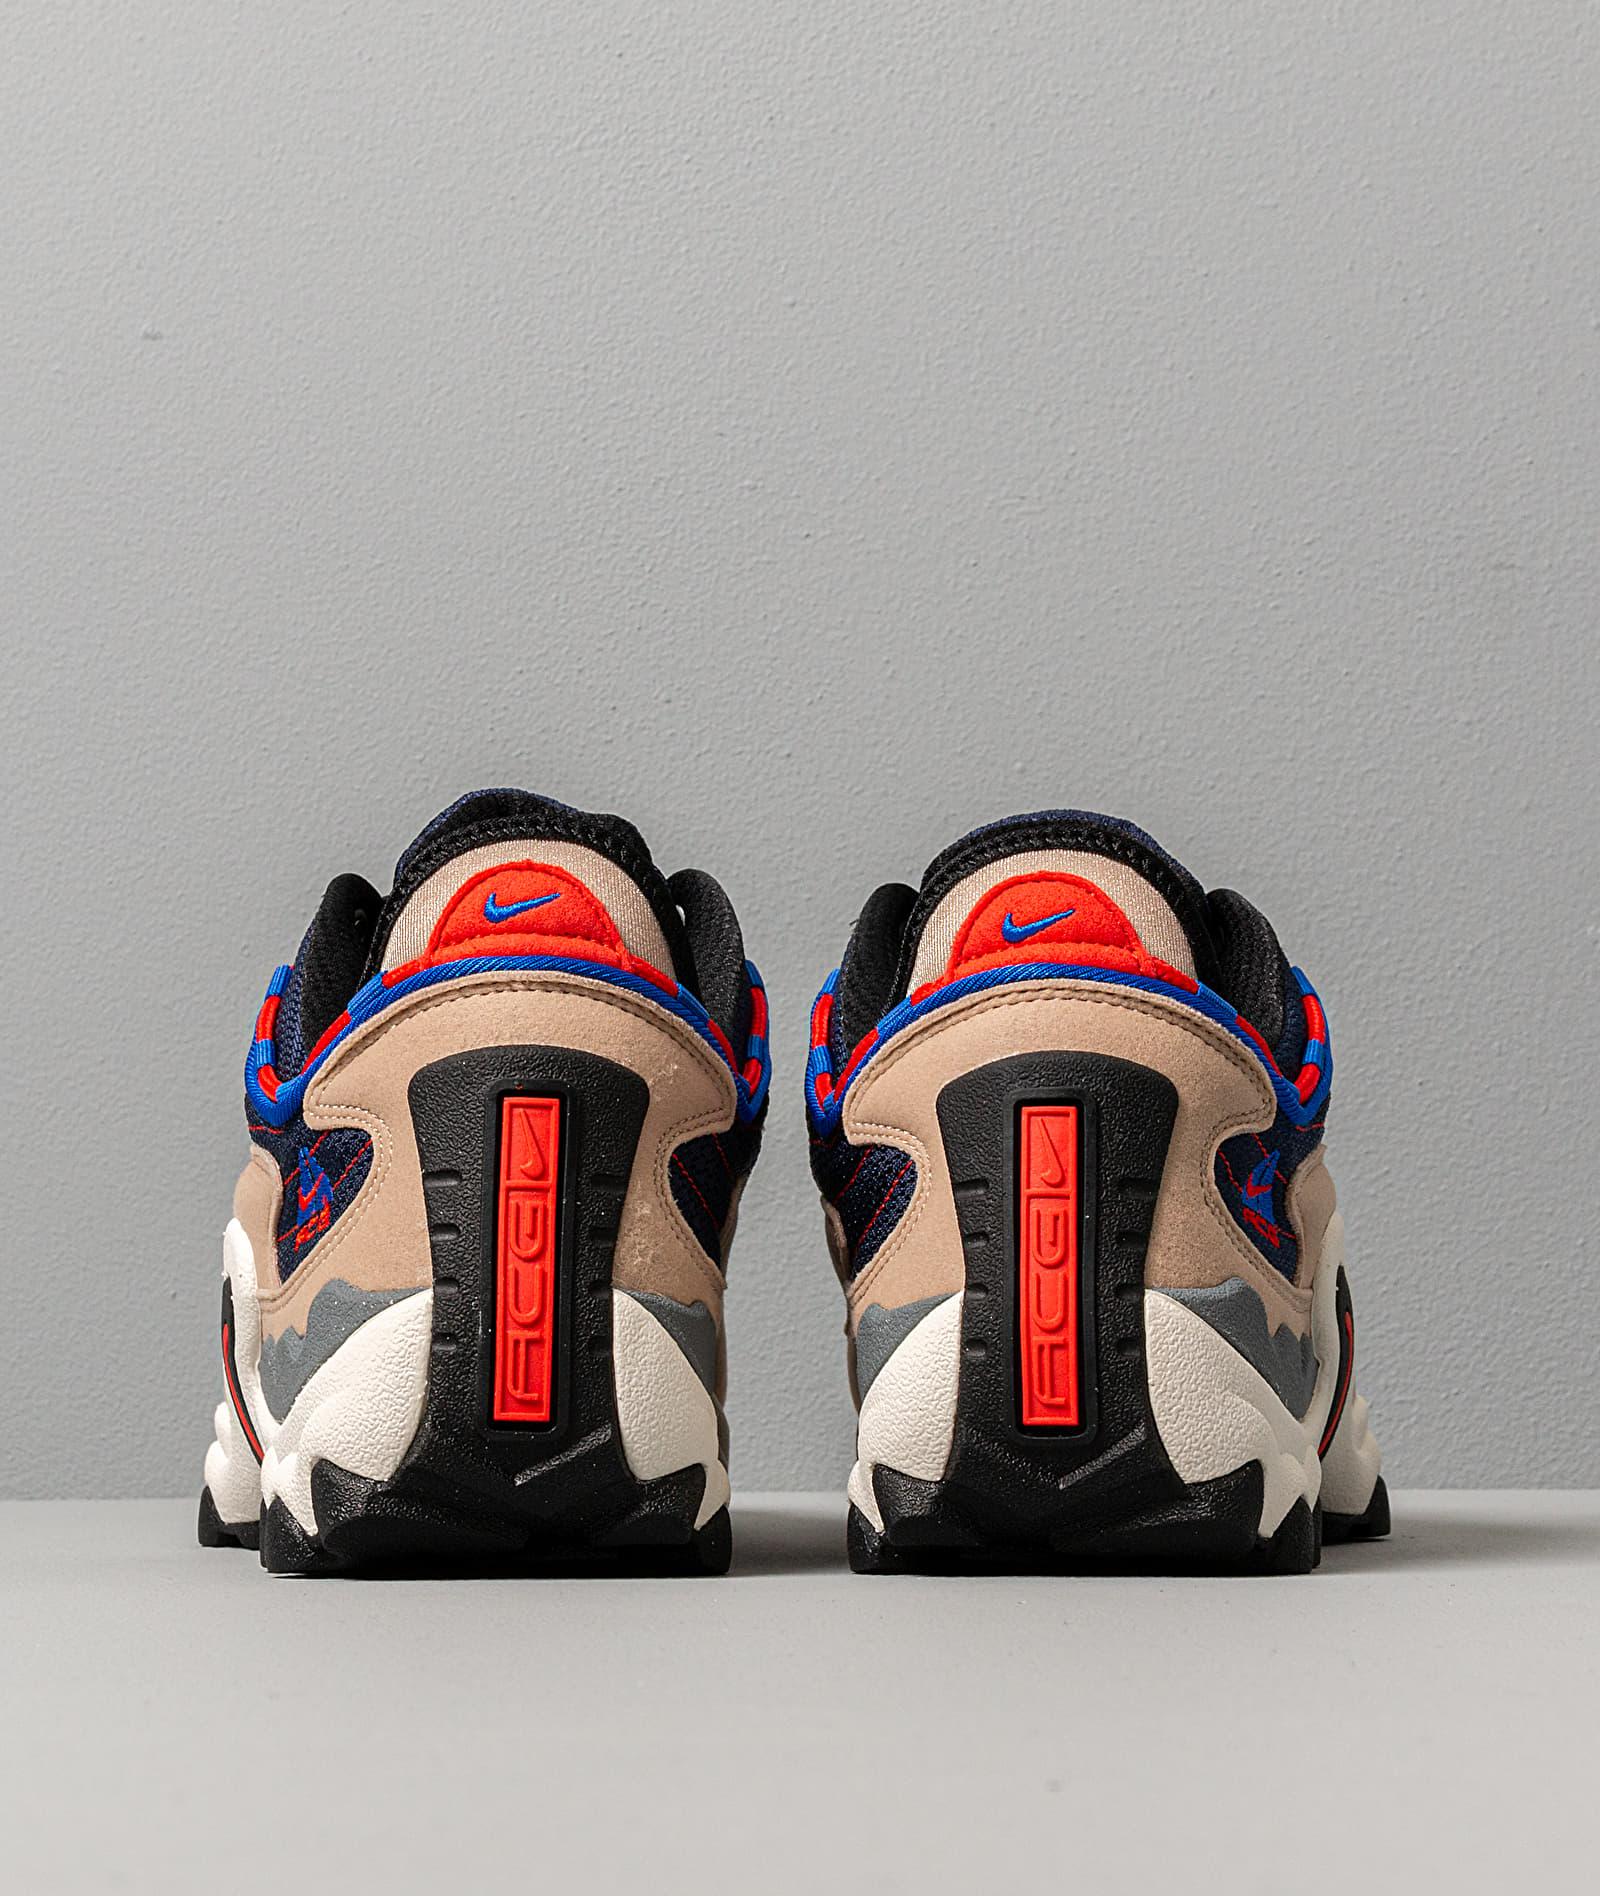 Nike Air Skarn Sand/ Racer Blue-Binary Blue-Sail, Brown